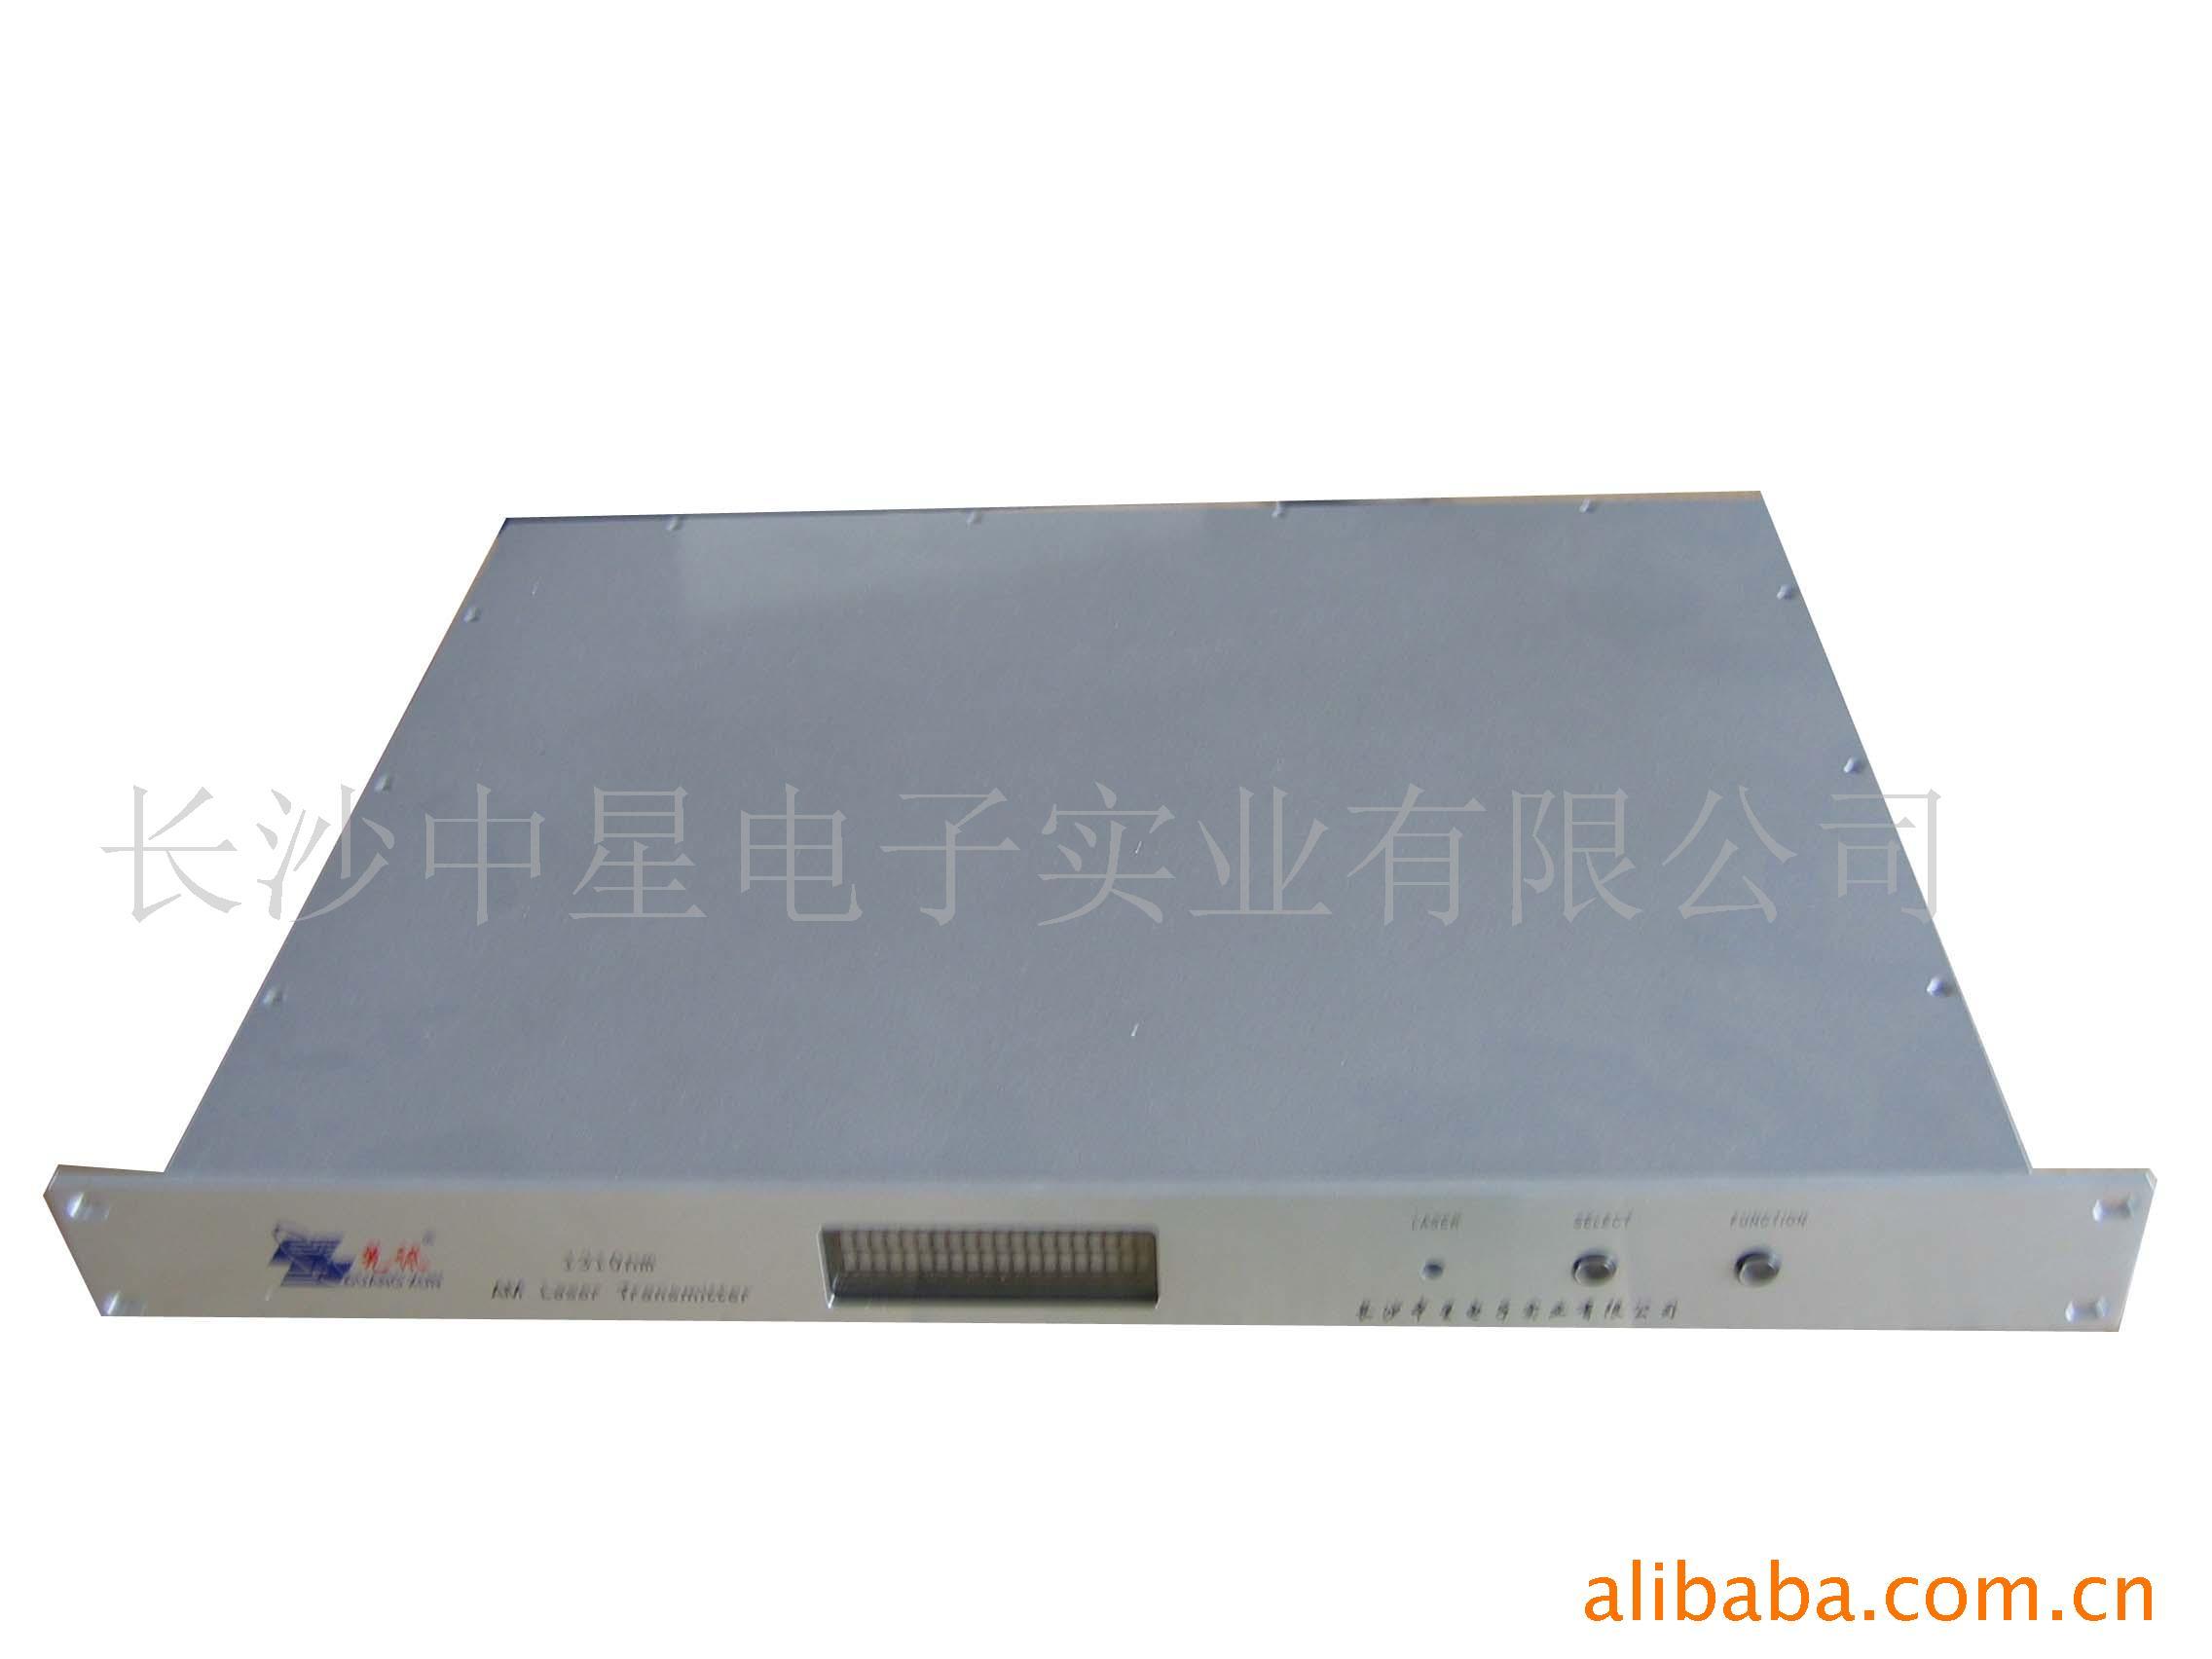 1310nm光发射机